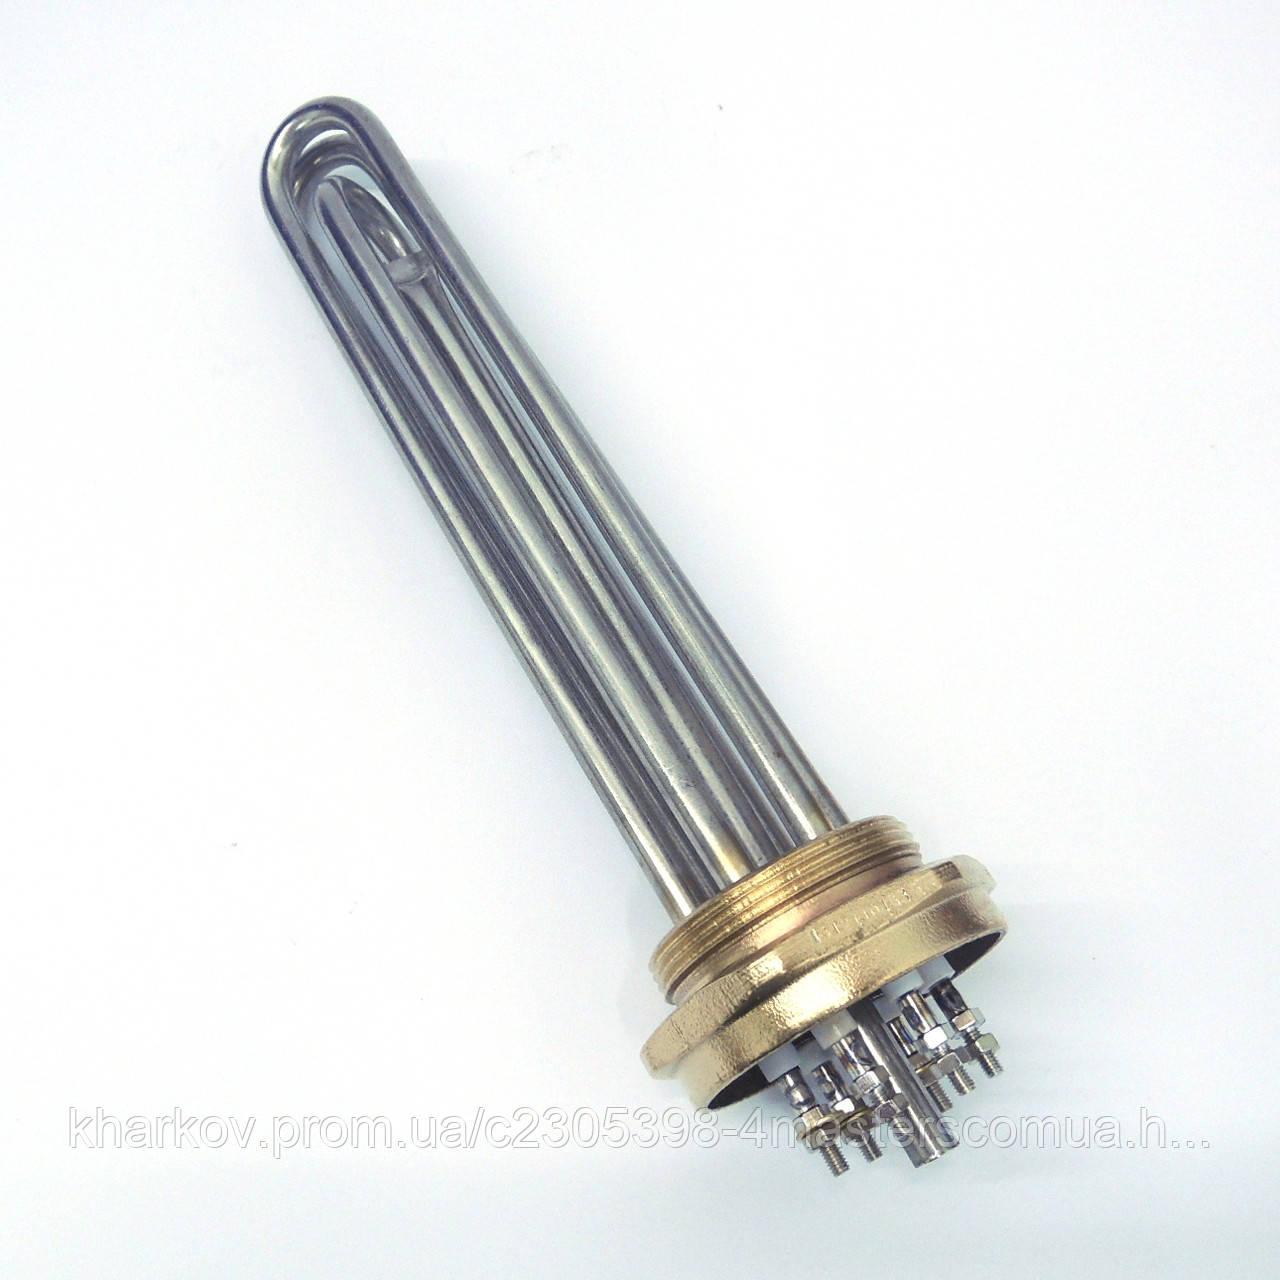 """Блок тэн 4,5 кВт 2,0"""" (59мм) для электрокотла отопления"""